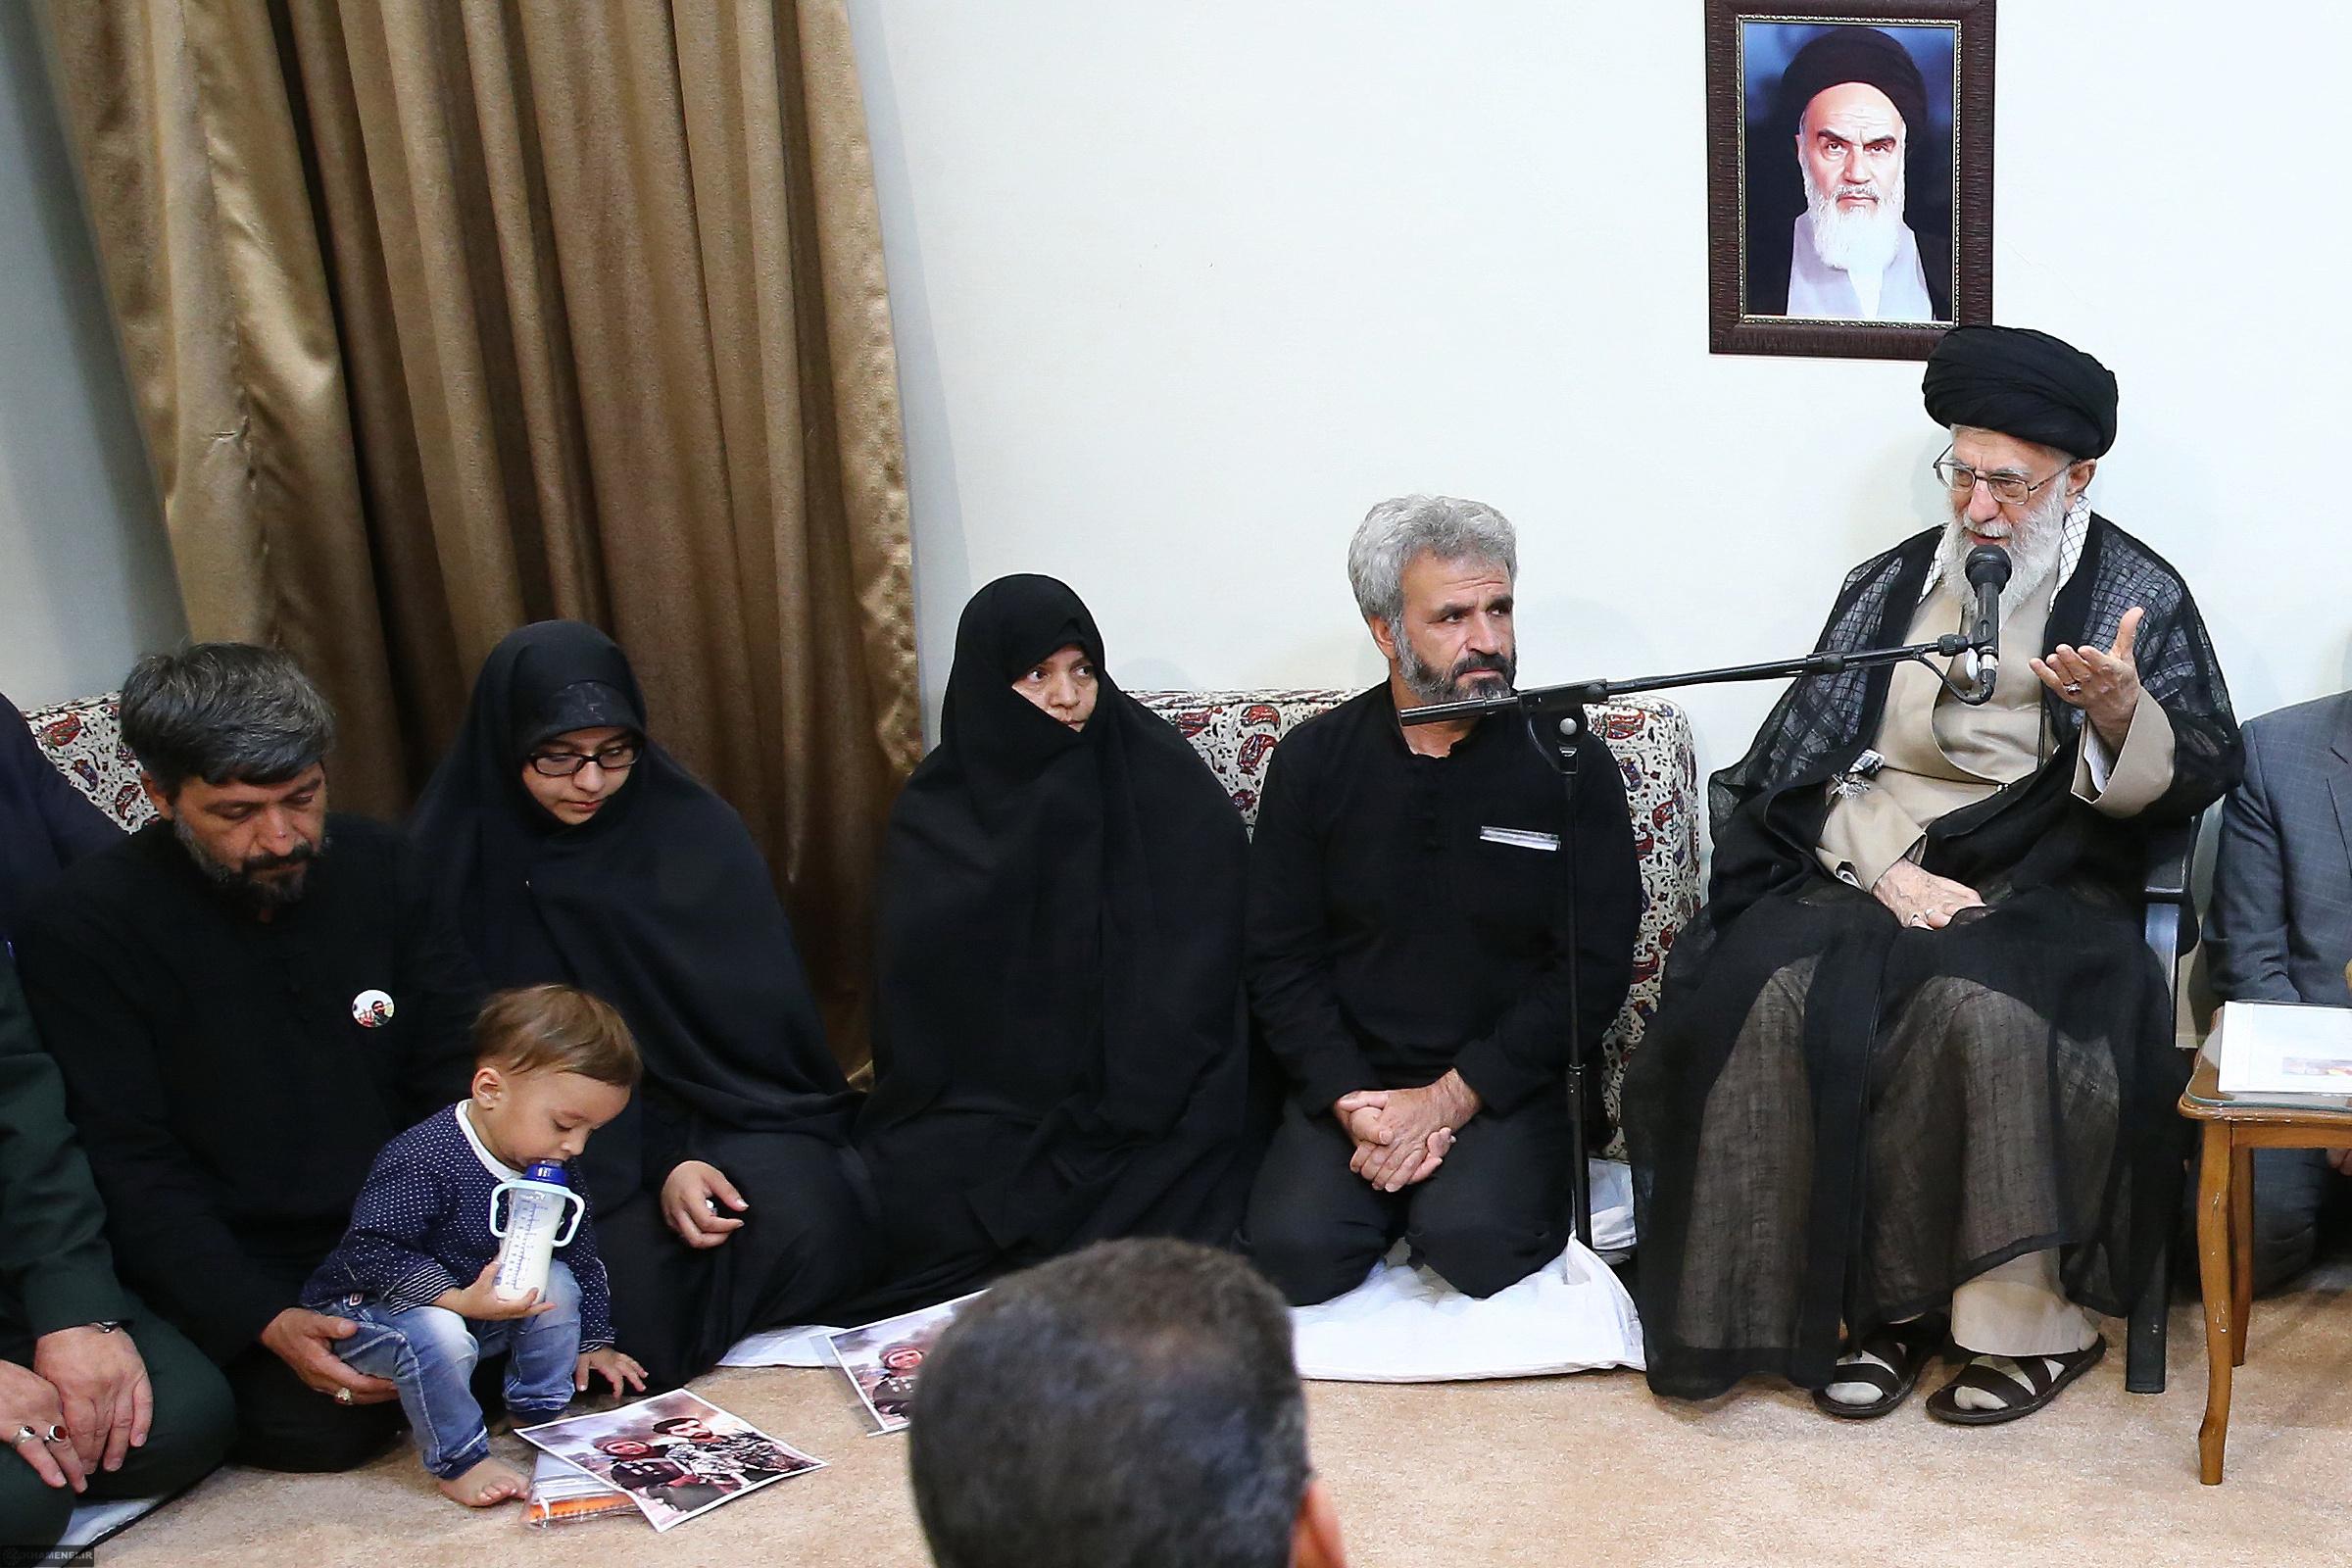 تجلیل مجازی از خانواده شهید حججی در نجف آباد تجلیل مجازی از خانواده شهید حججی در نجف آباد تجلیل مجازی از خانواده شهید حججی در نجف آباد                                                                        4